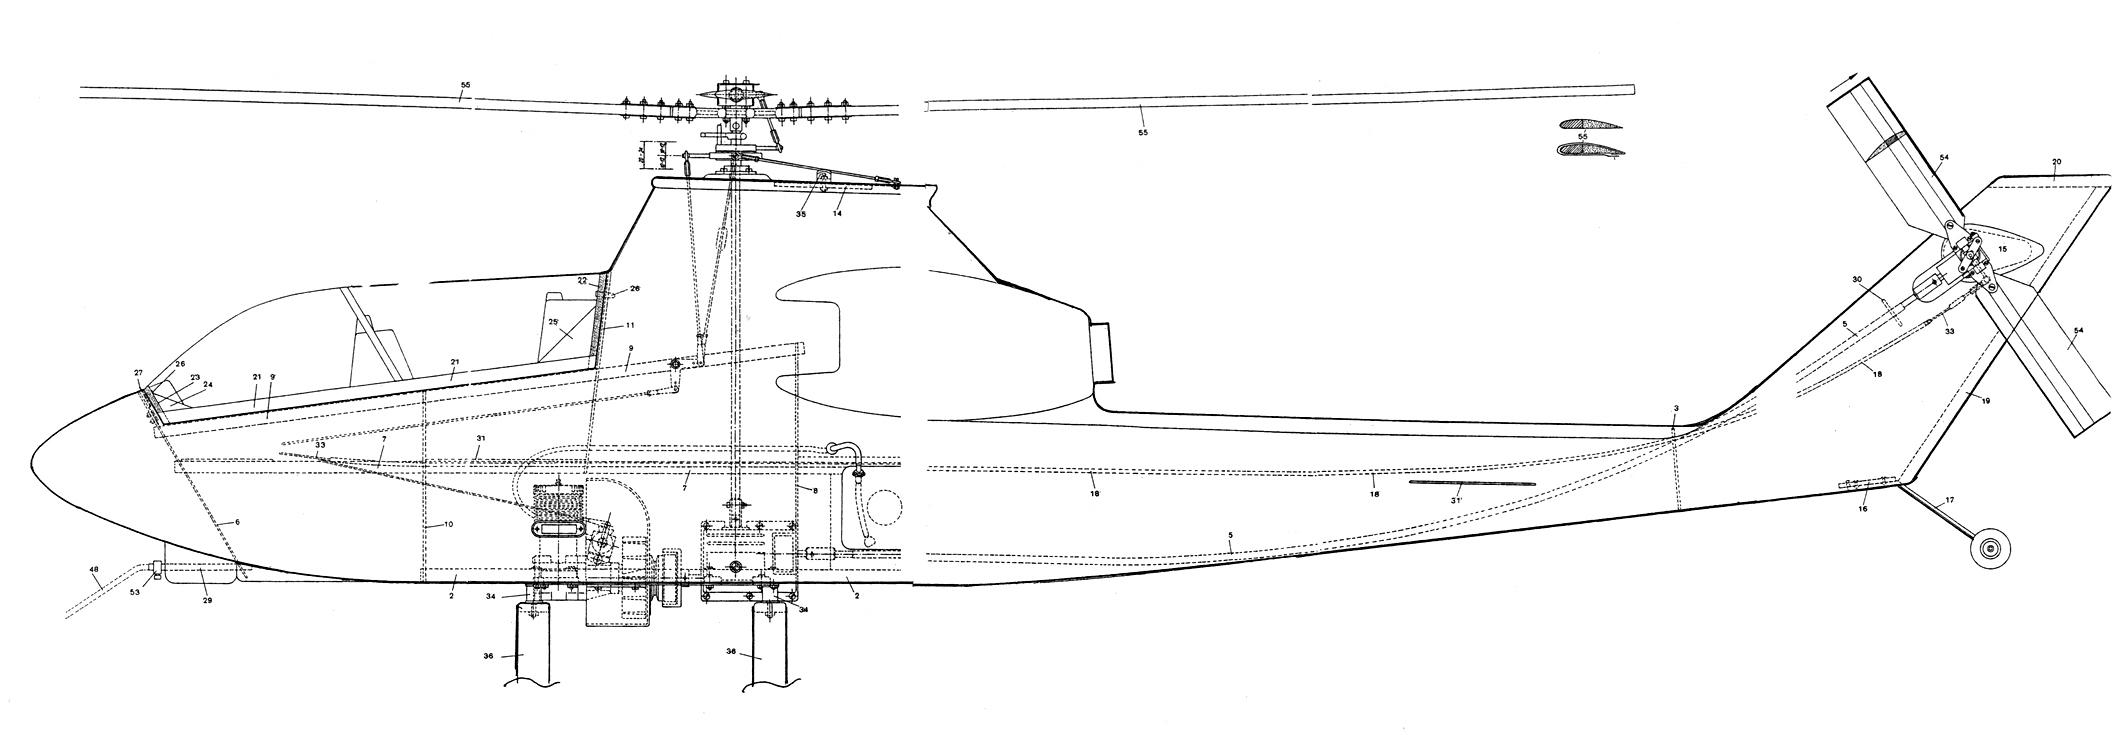 Чертежи вертолётов своими руками